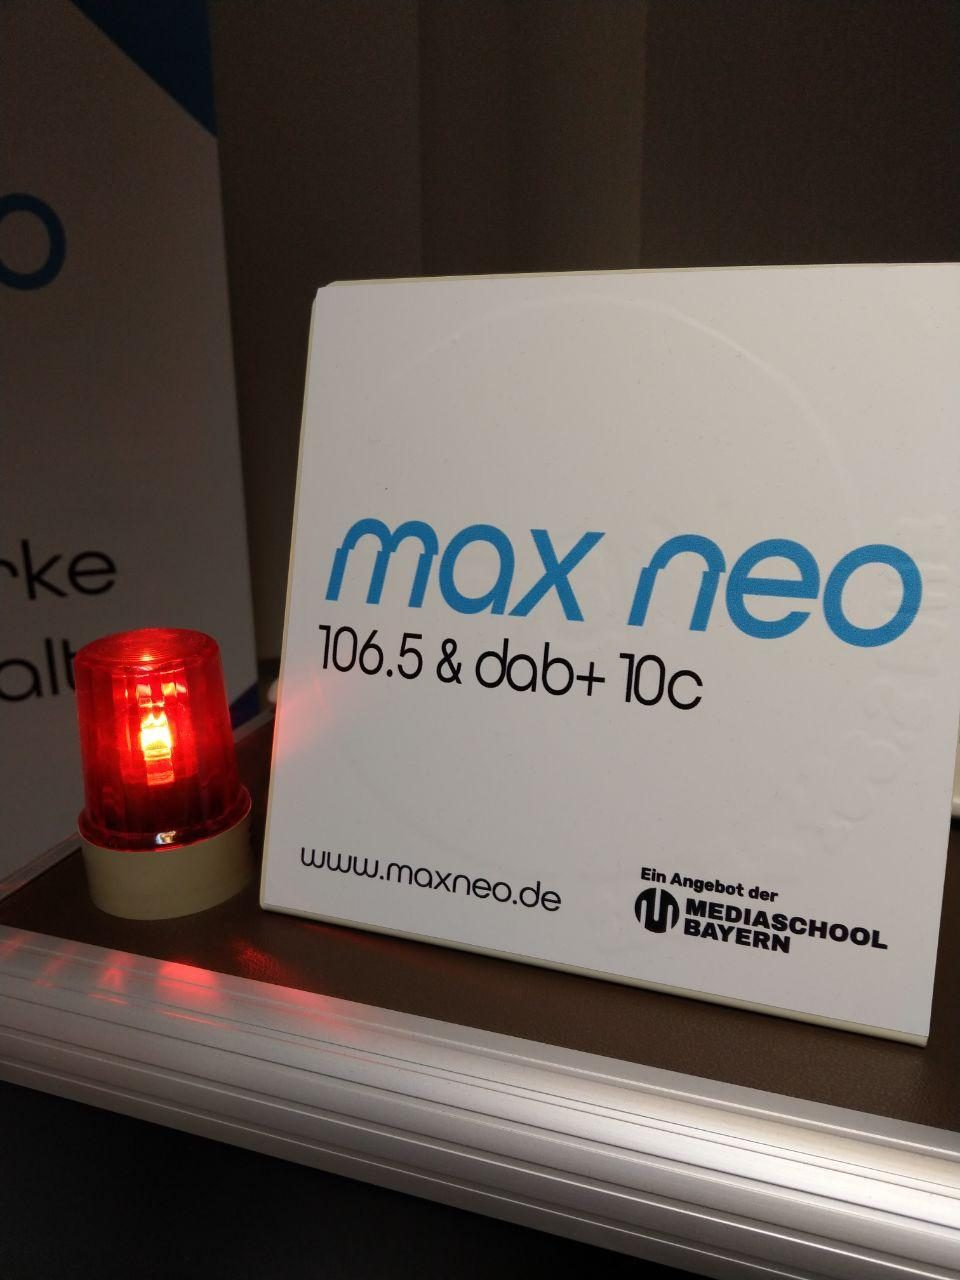 On-Air-Lampe im Studio und max neo-Schild